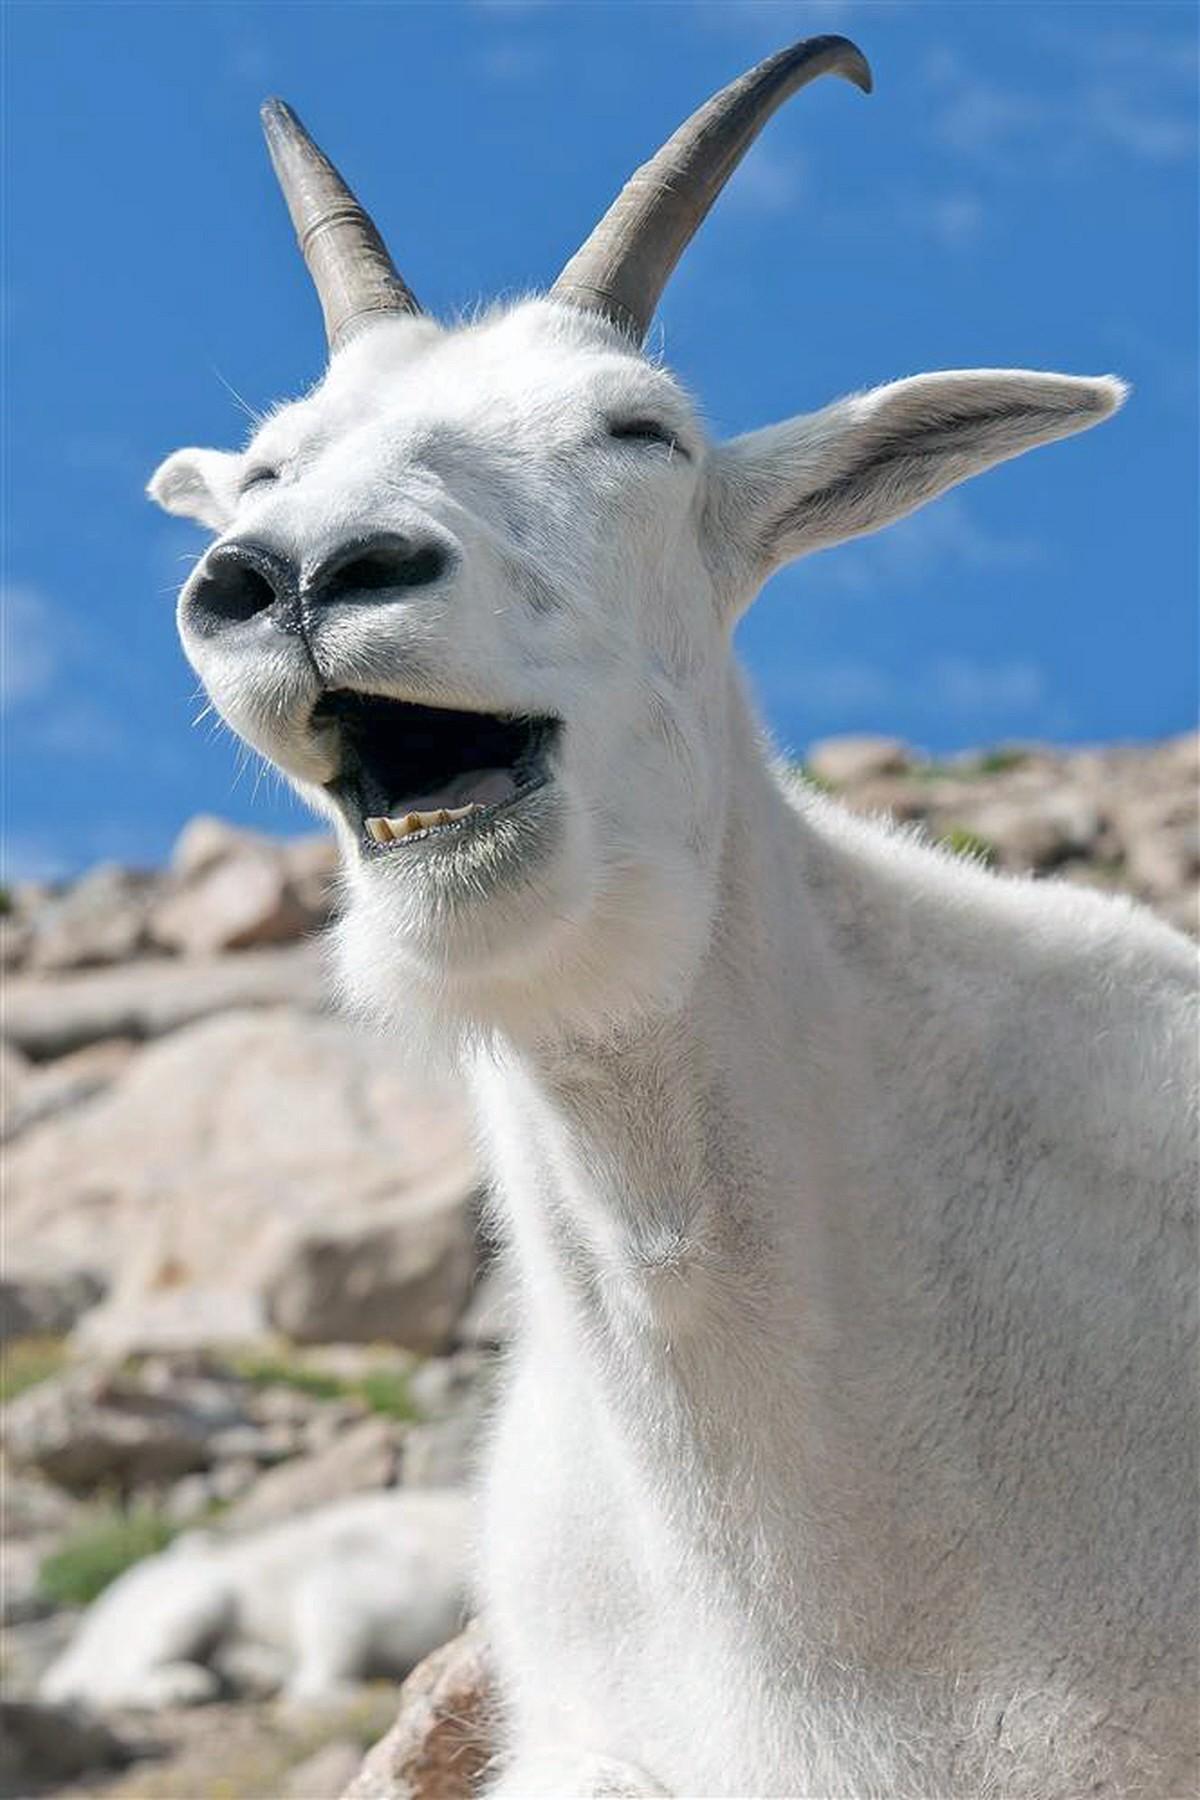 00.0b Laughing Animals. 08.06.12. Mountain Goat